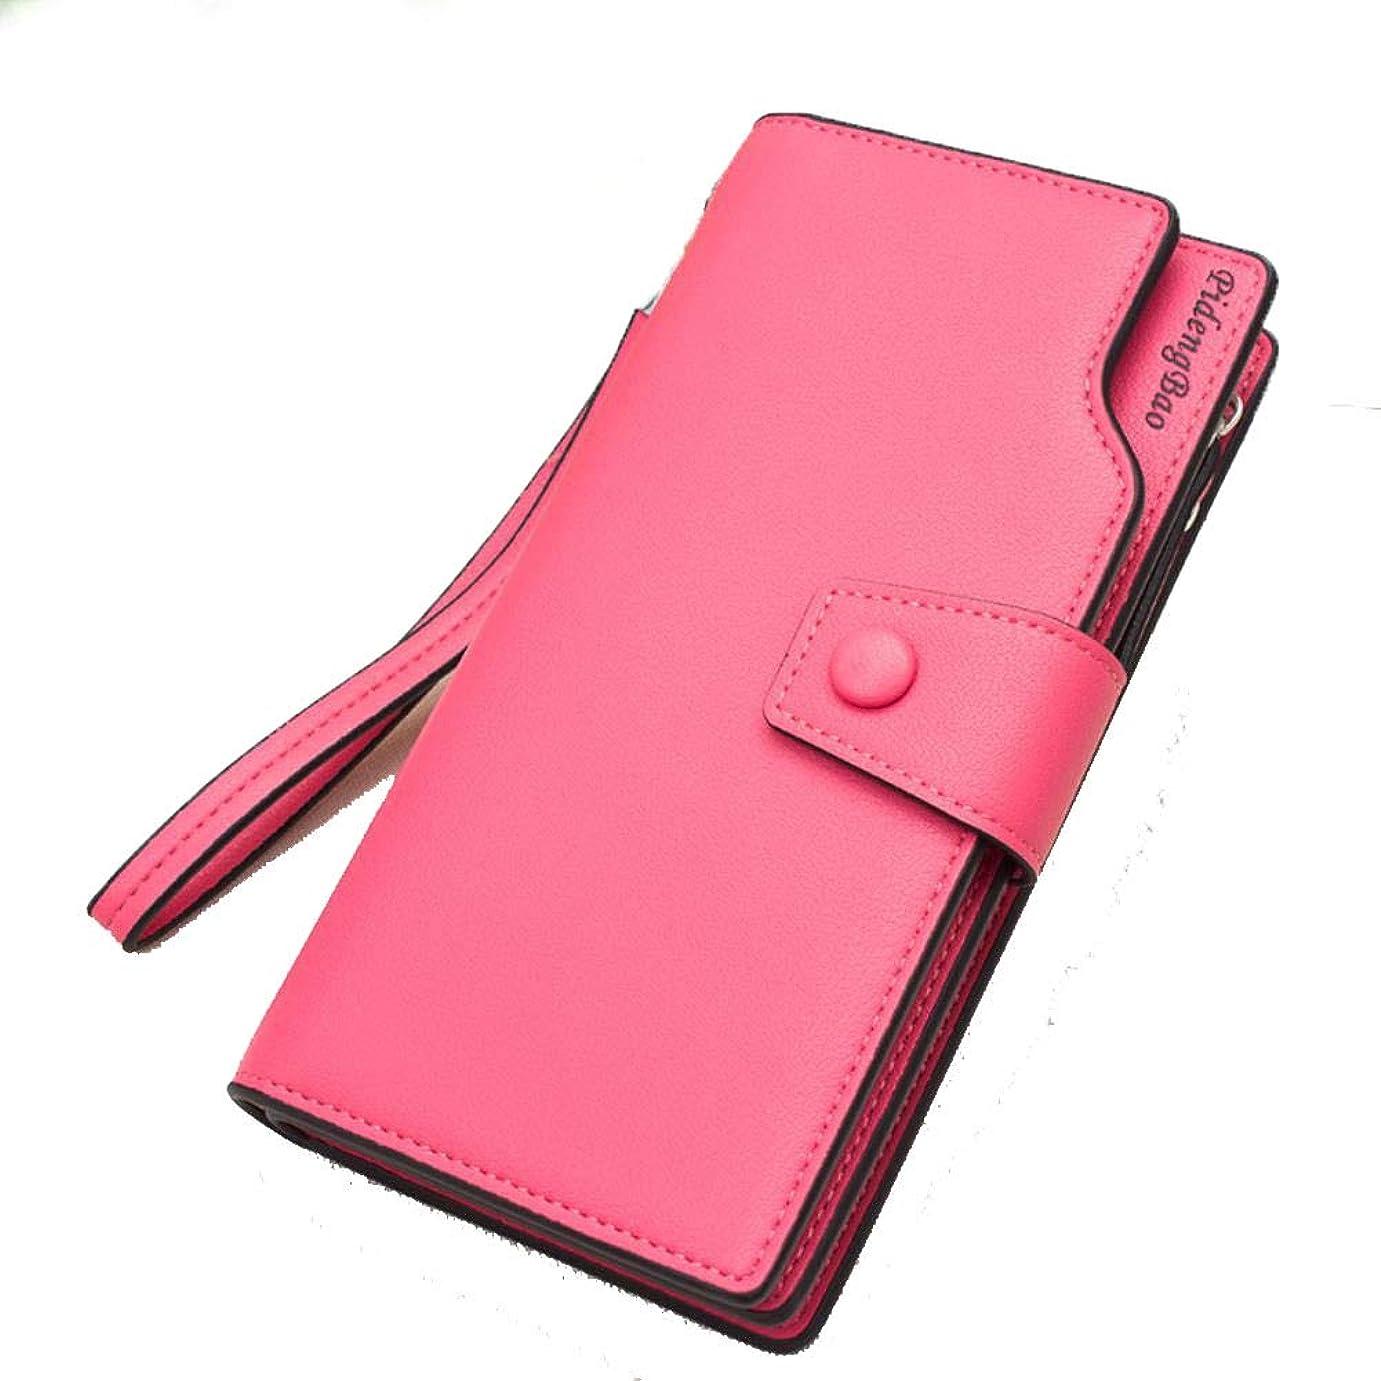 意図的要求する発音クラッチハンドバッグレディースロングバックル財布韓国語版マルチカード大容量ジッパーカードパッケージ